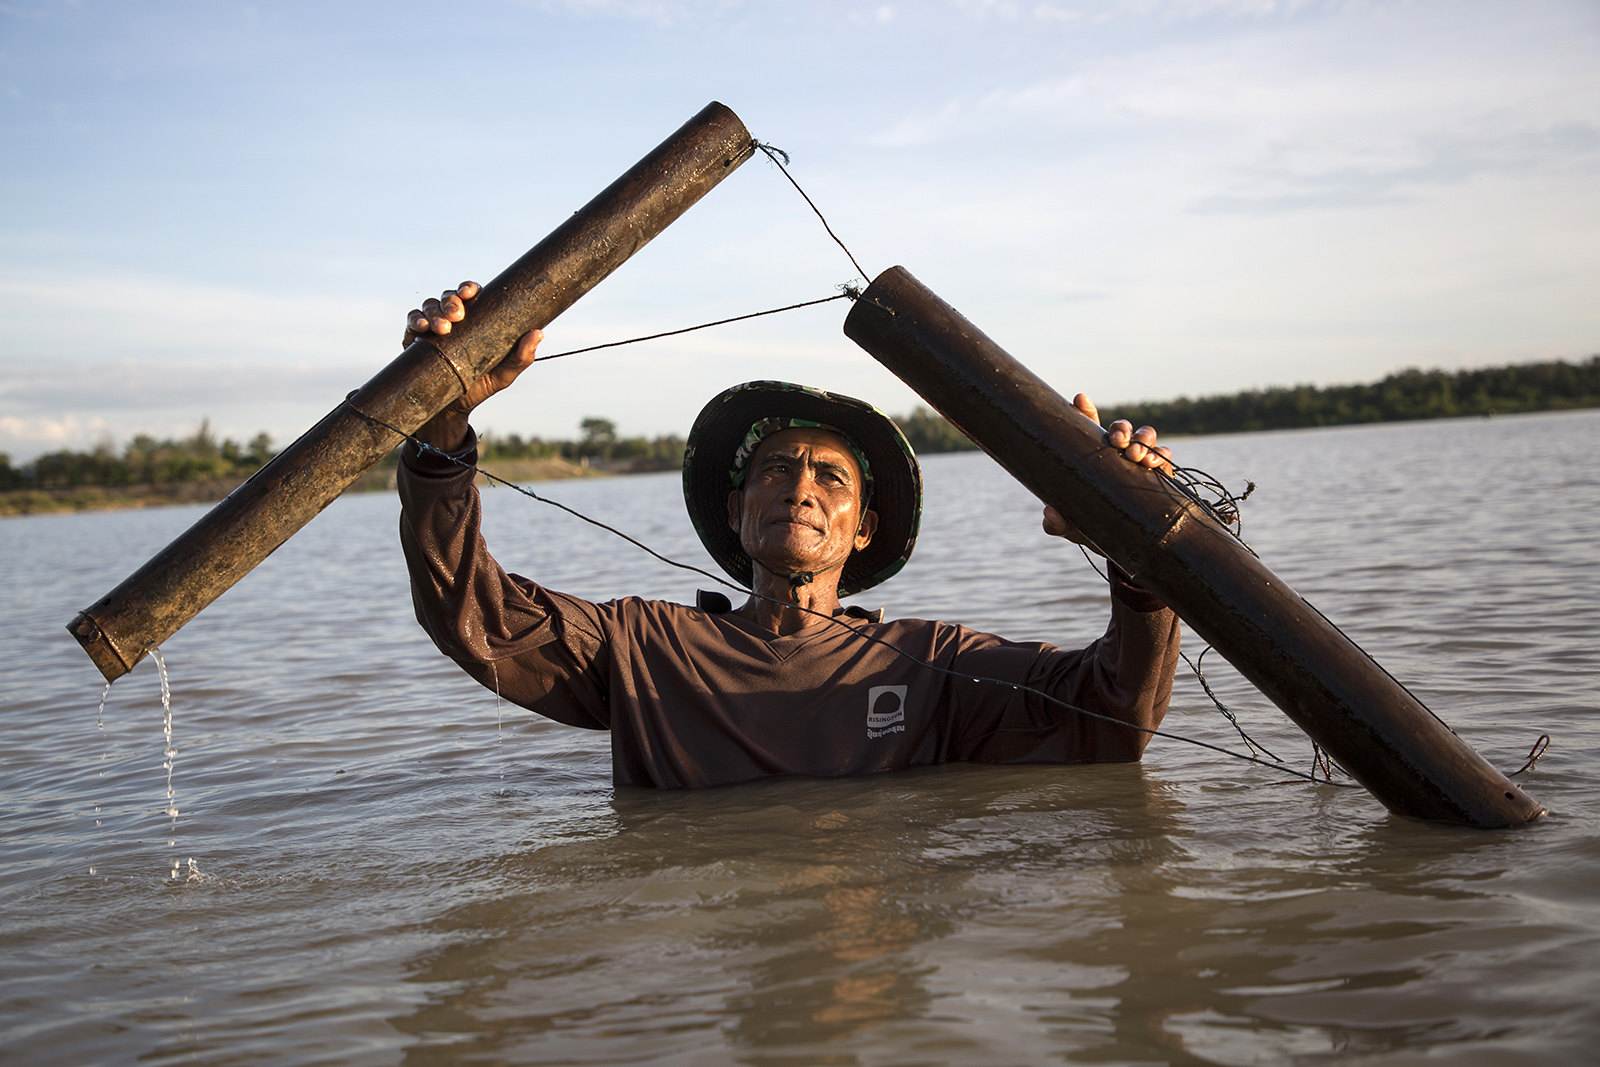 ทองอินทร์ นงรักษ์ ใช้อุปกรณ์ดักจับปลา ทั้งนี้อุปกรณ์ดักจับปลาท้องถิ่นใช้การไม่ได้อีกต่อไป เมื่อแม่น้ำกลายสภาพเป็นเขื่อน (ที่มา: Luke Duggleby)